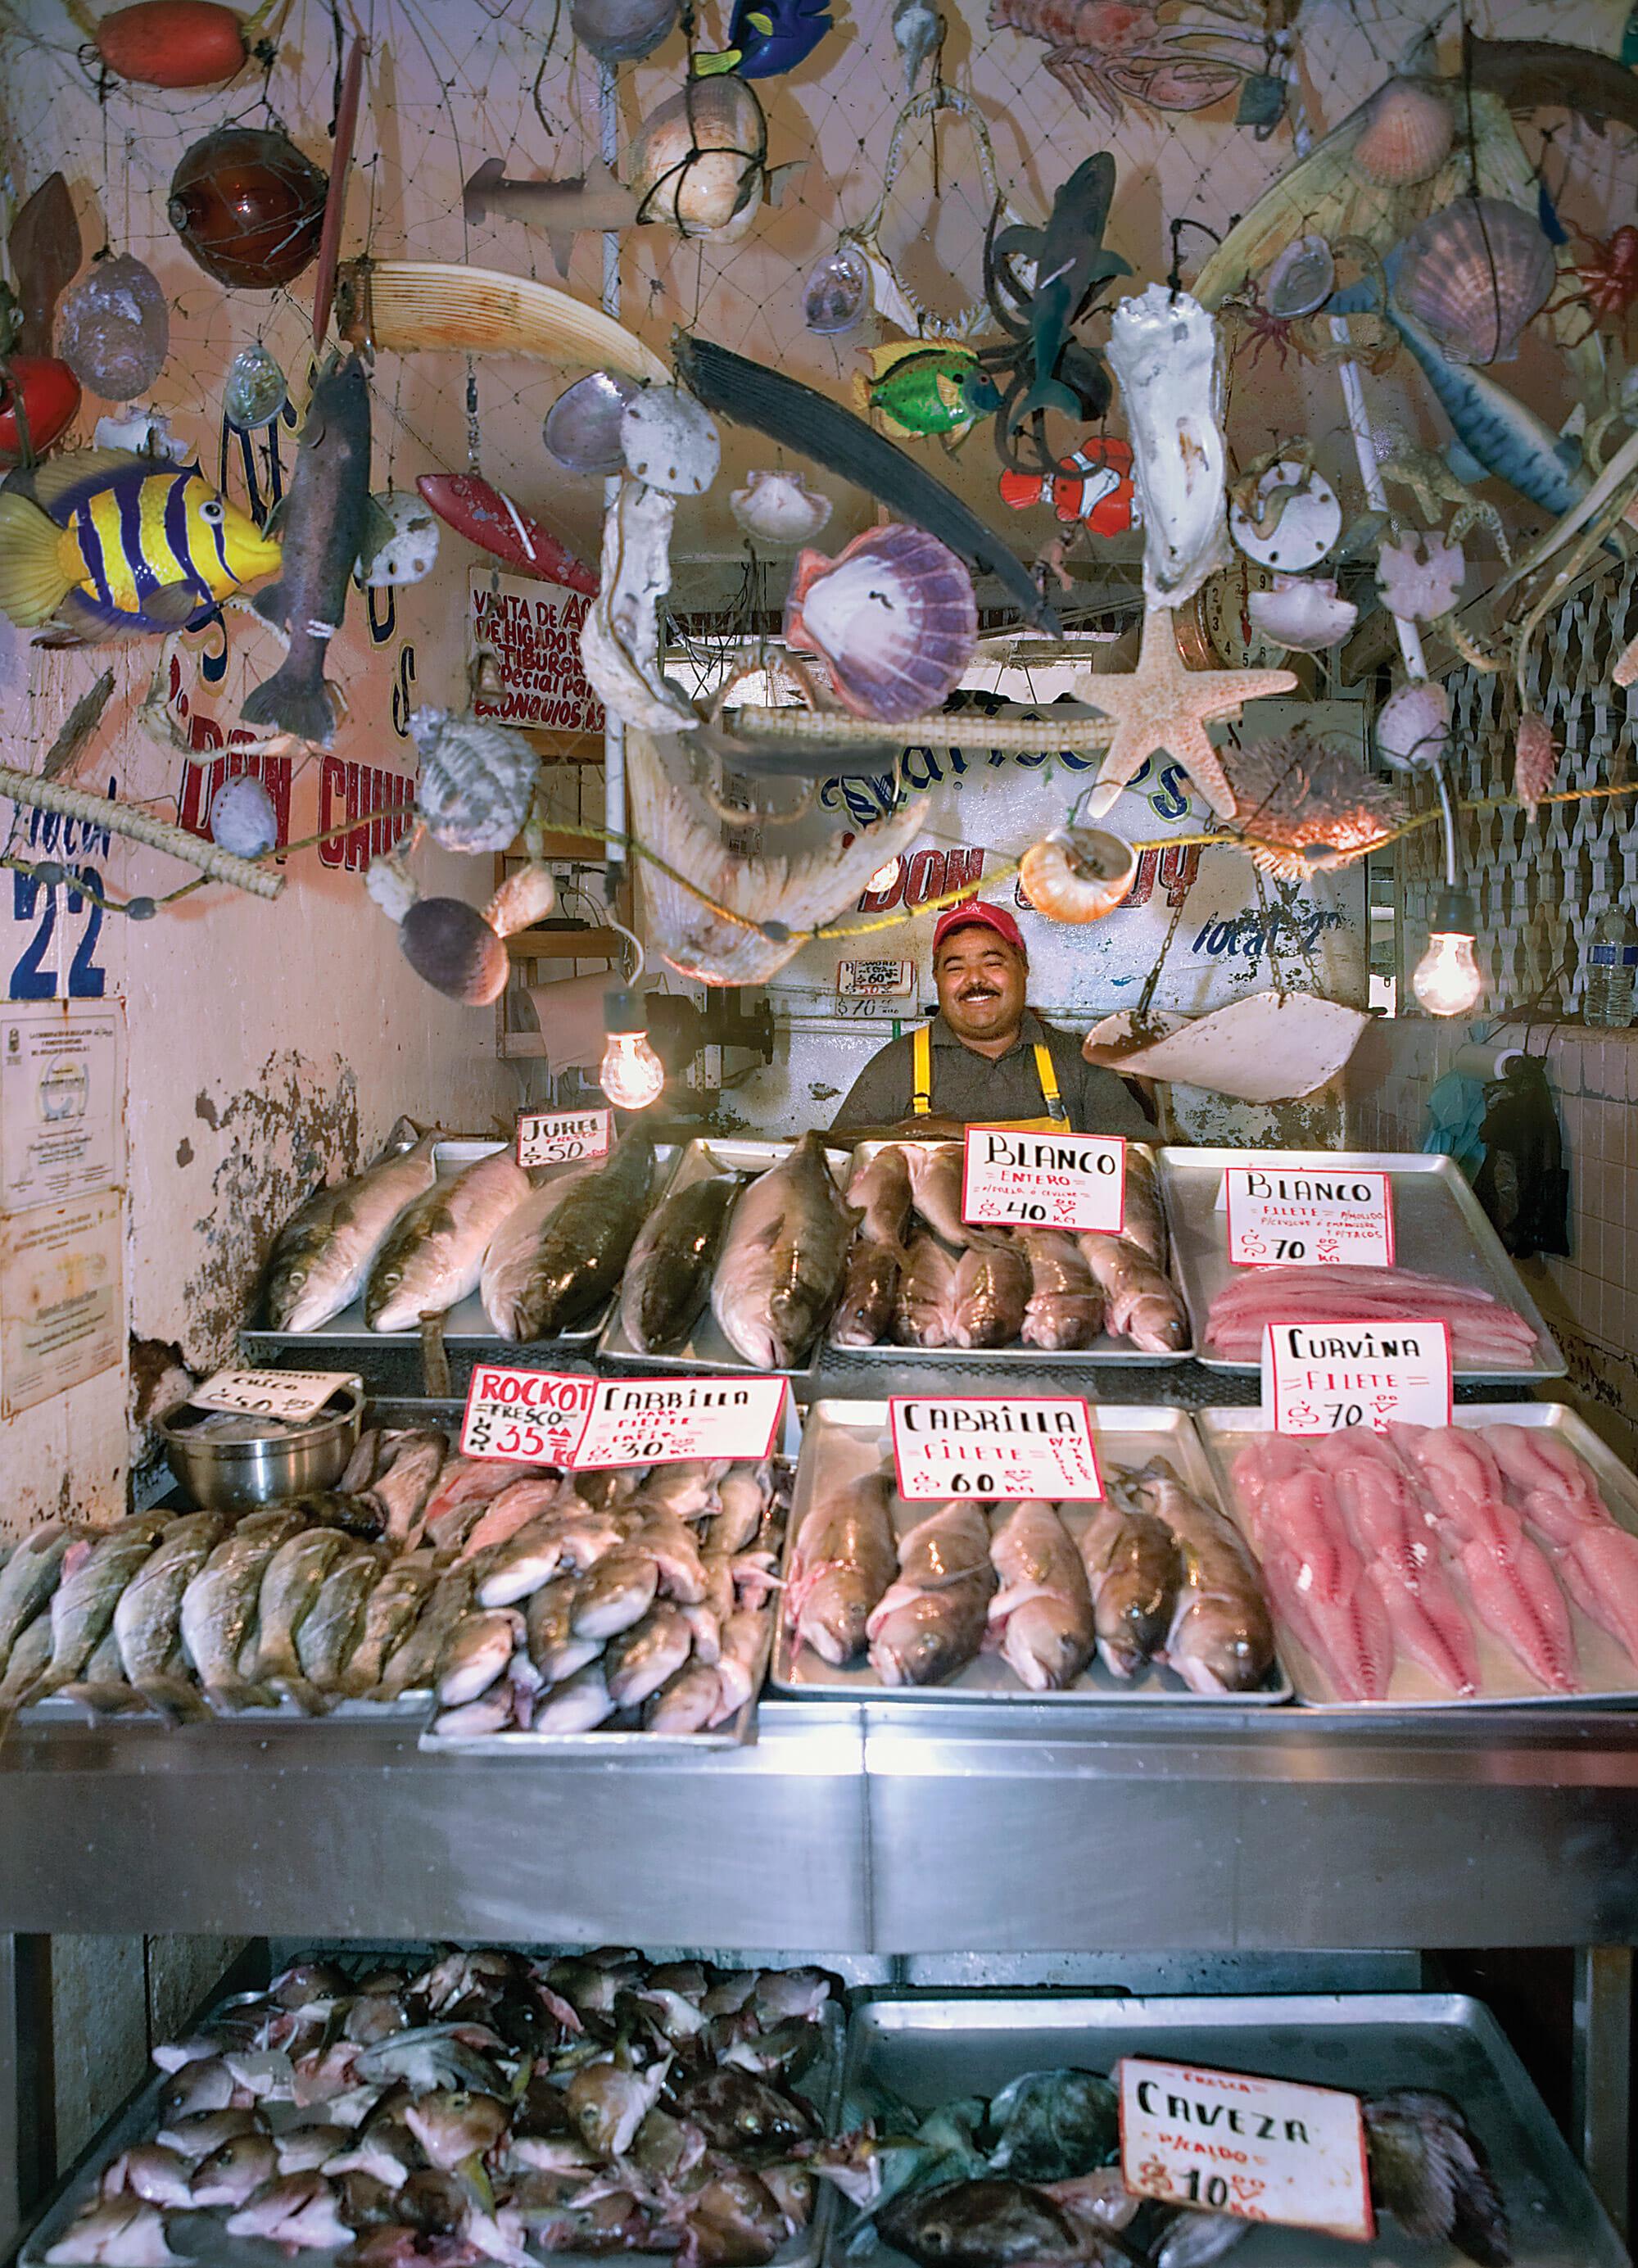 Locally caught seafood for sale at Mercado de Mariscos.